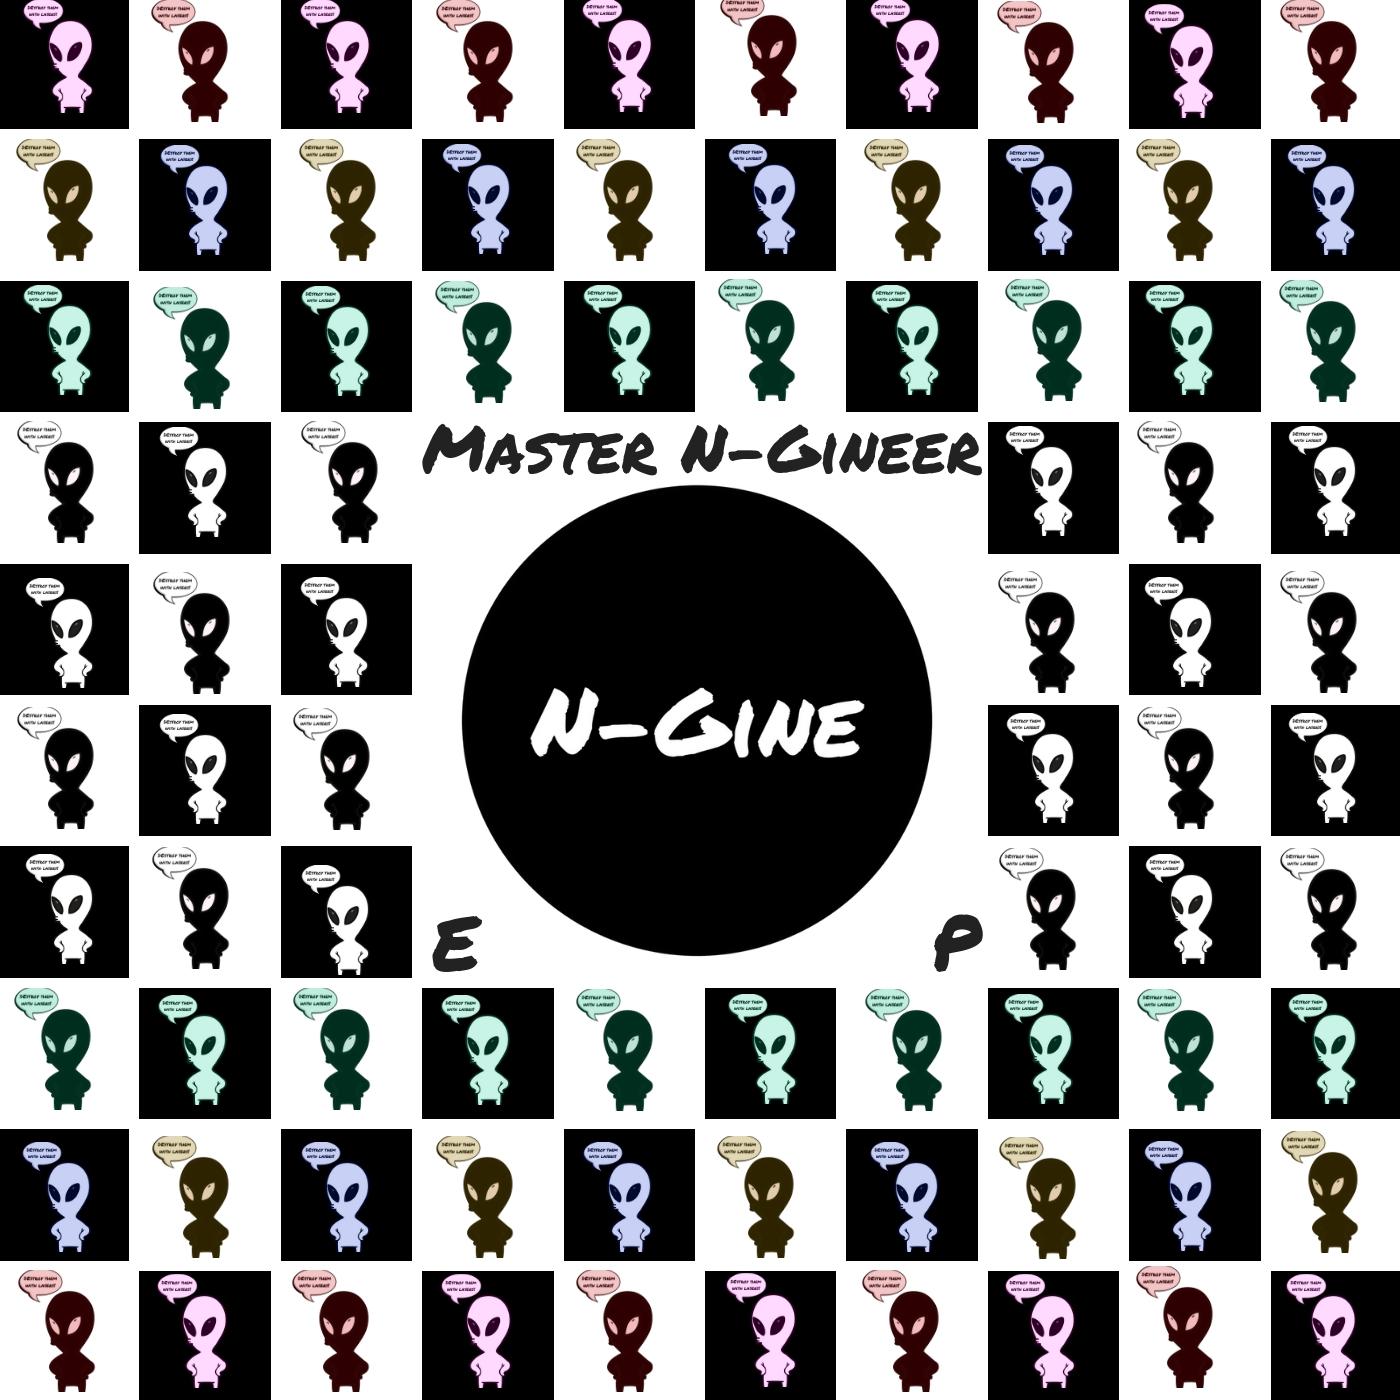 Master N-Gineer.jpg